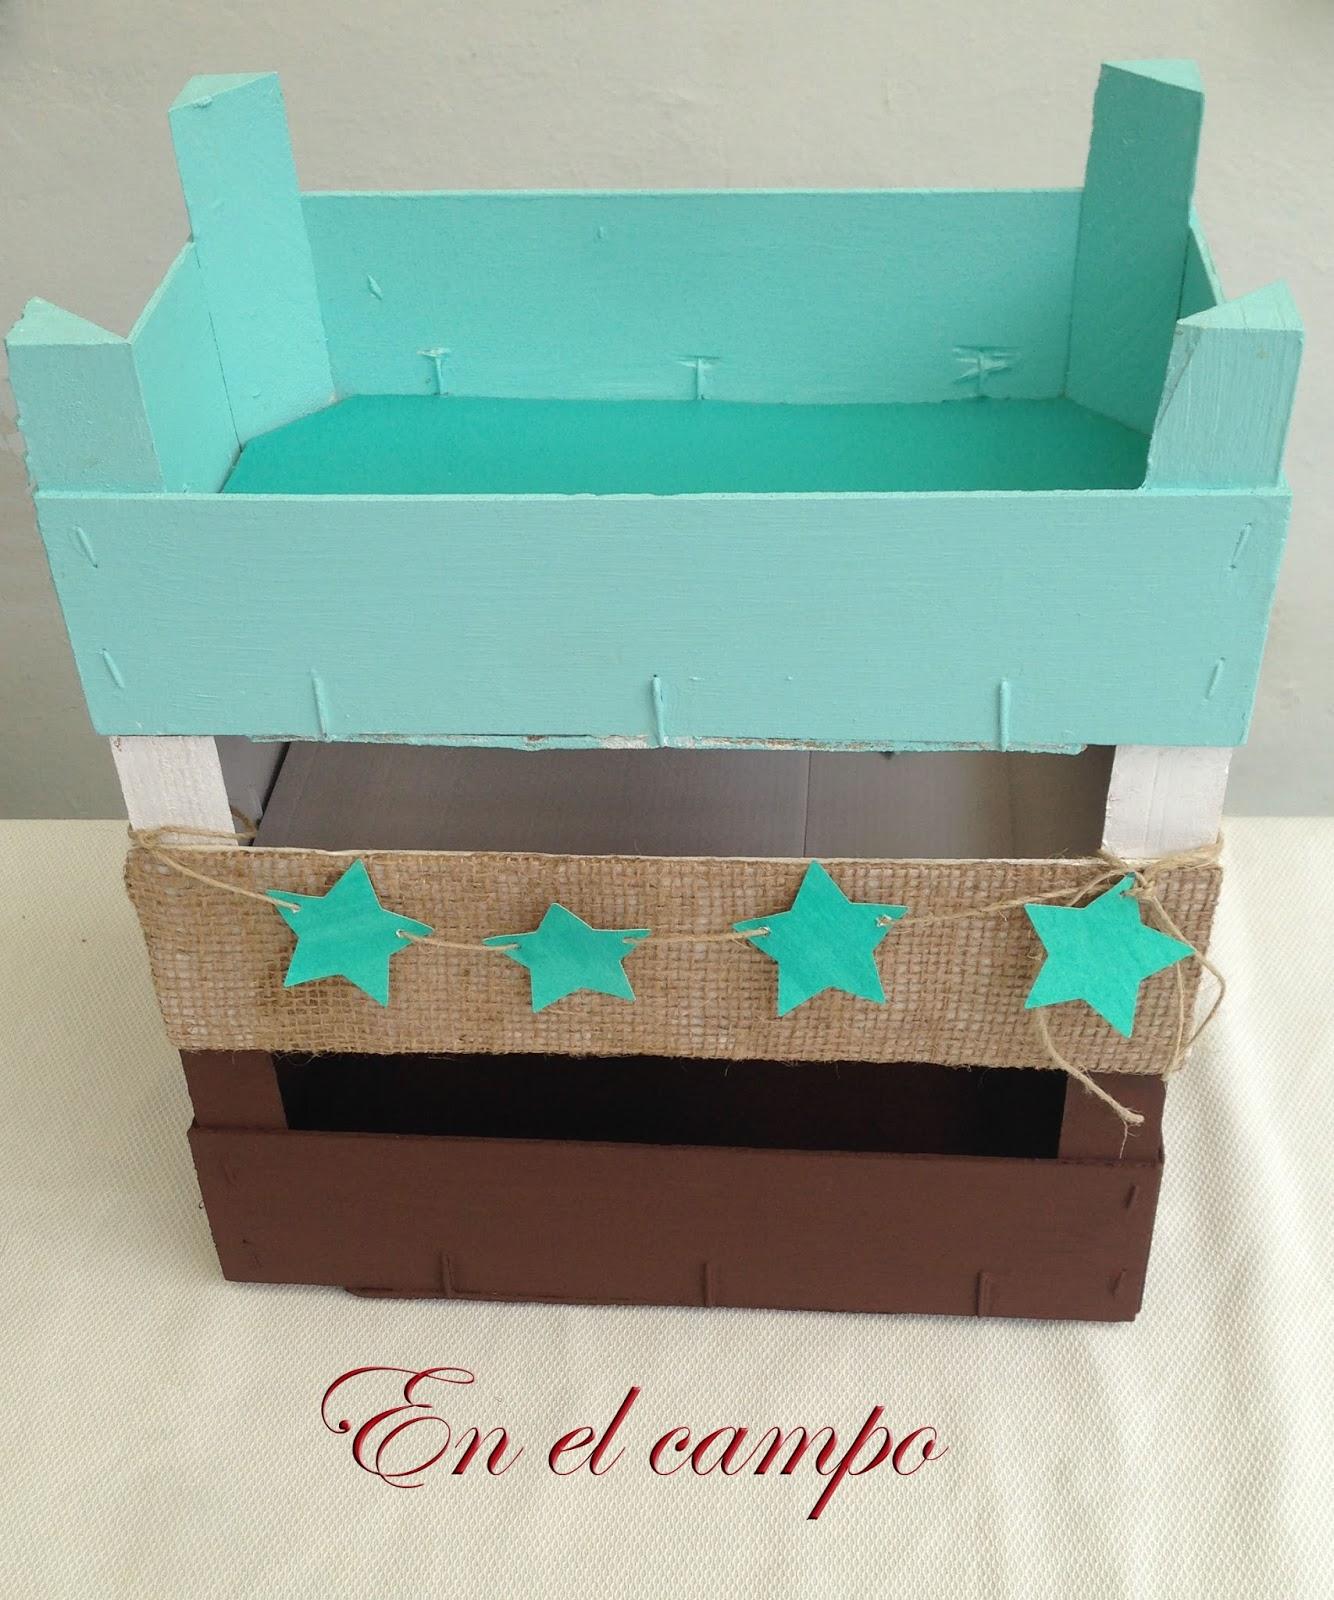 En el campo cajas de frutas recicladas - Manualidades con cajas de frutas ...